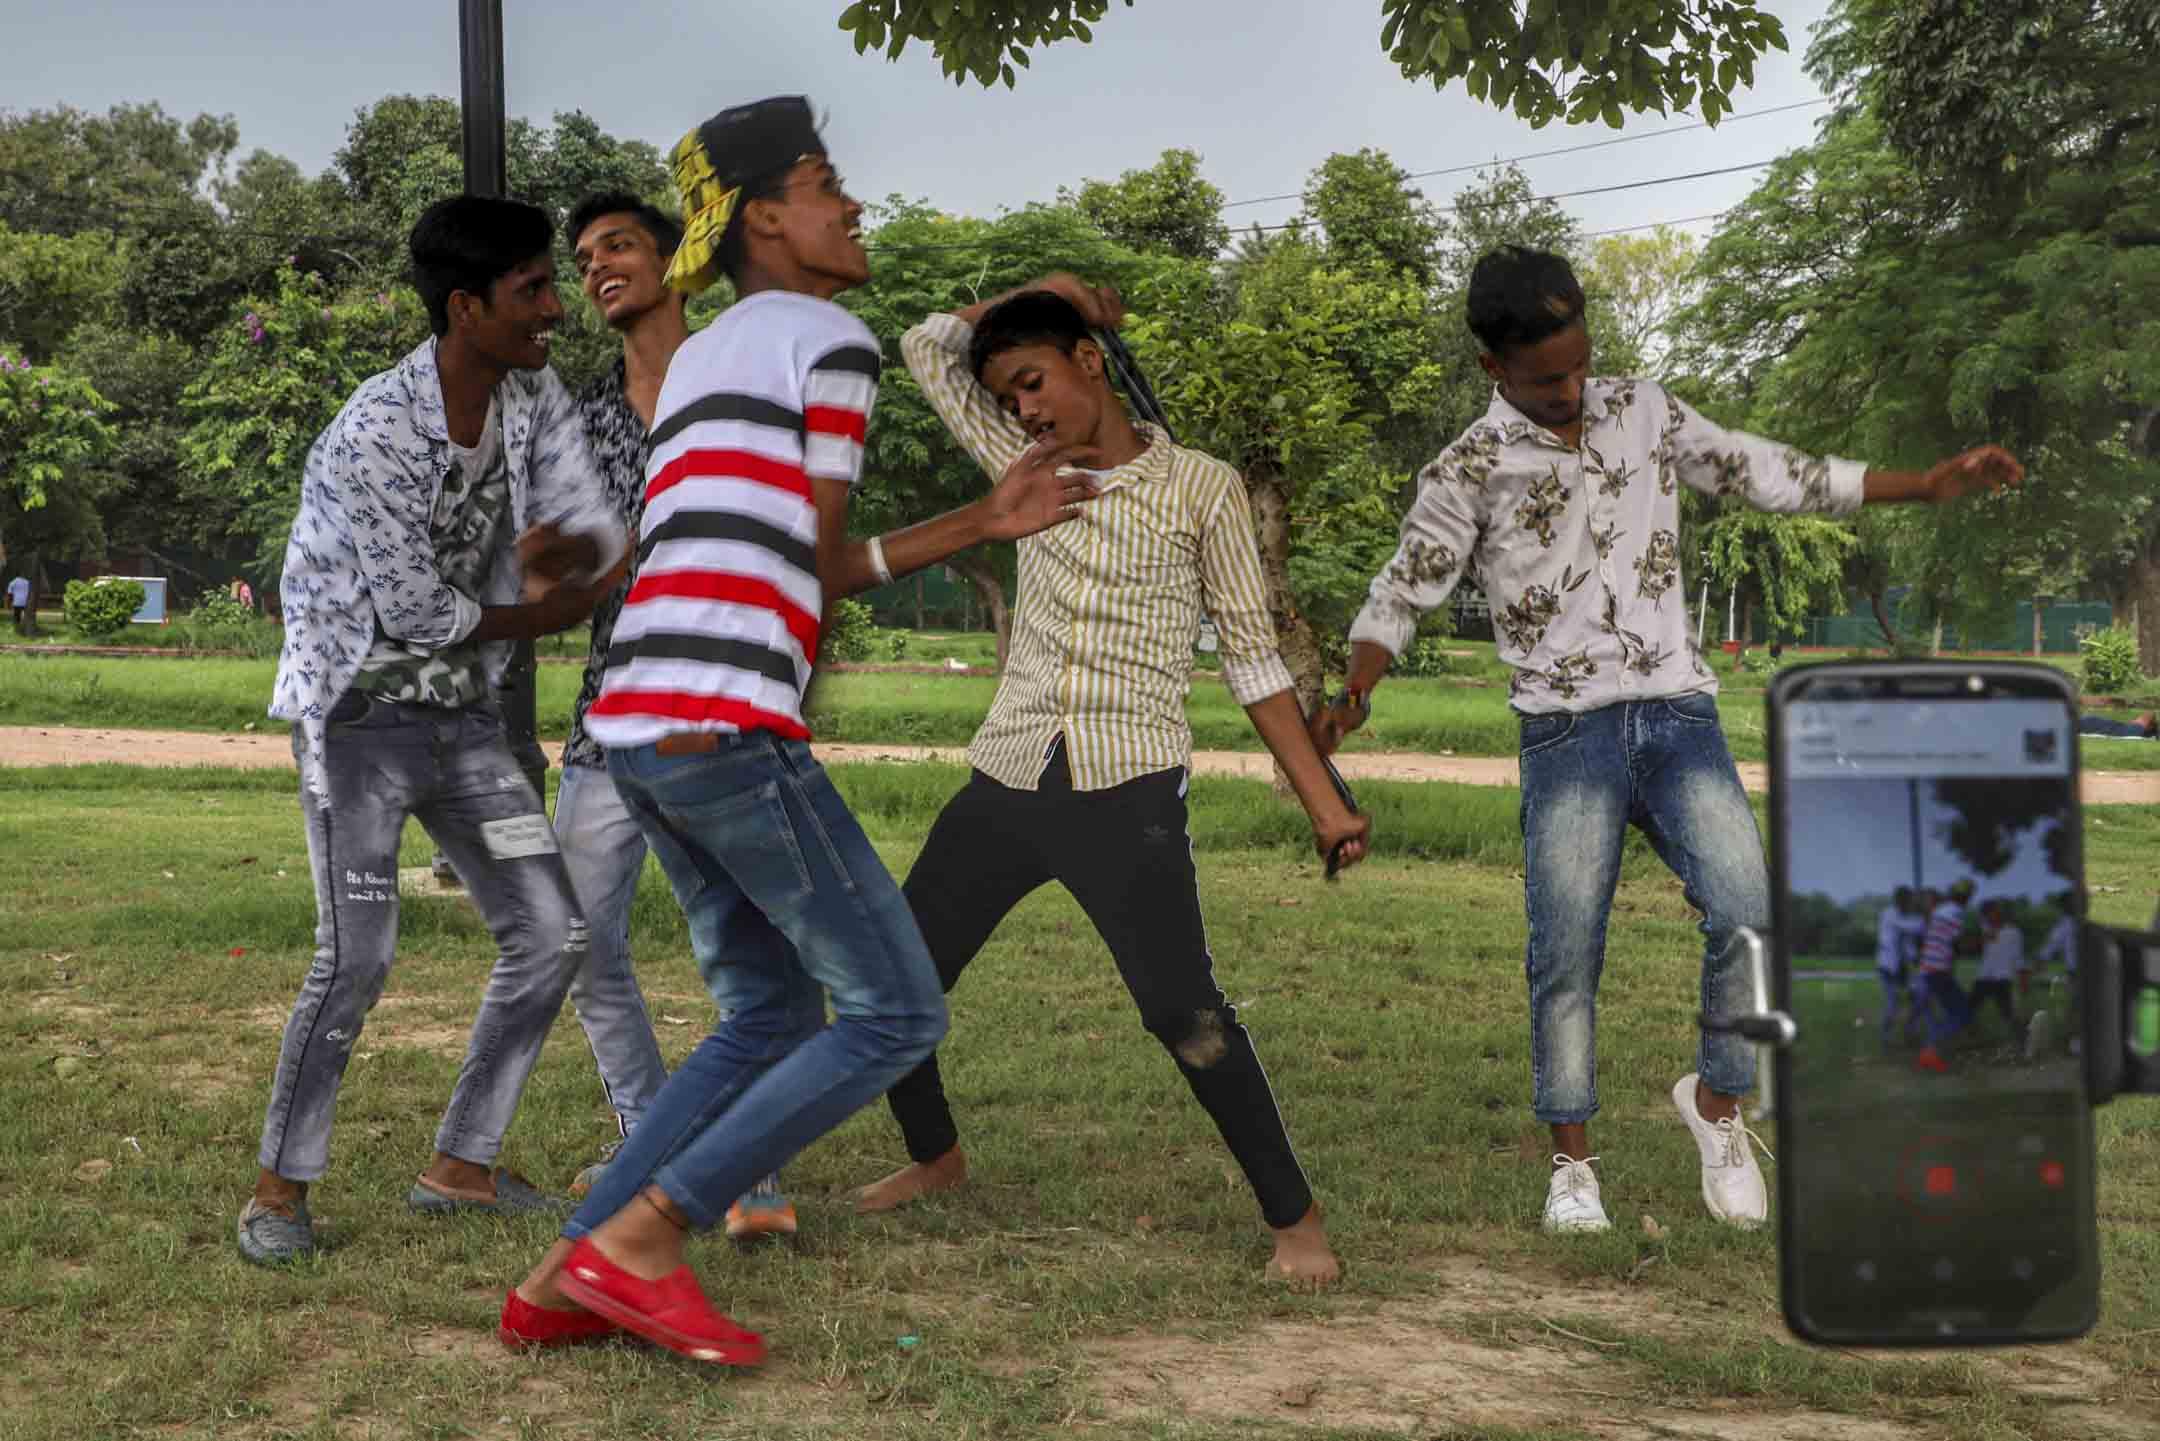 2019年8月4日,印度新德里的一個公園,五名男孩為TikTok 製作視頻。 攝:Nasir Kachroo/NurPhoto via Getty Images